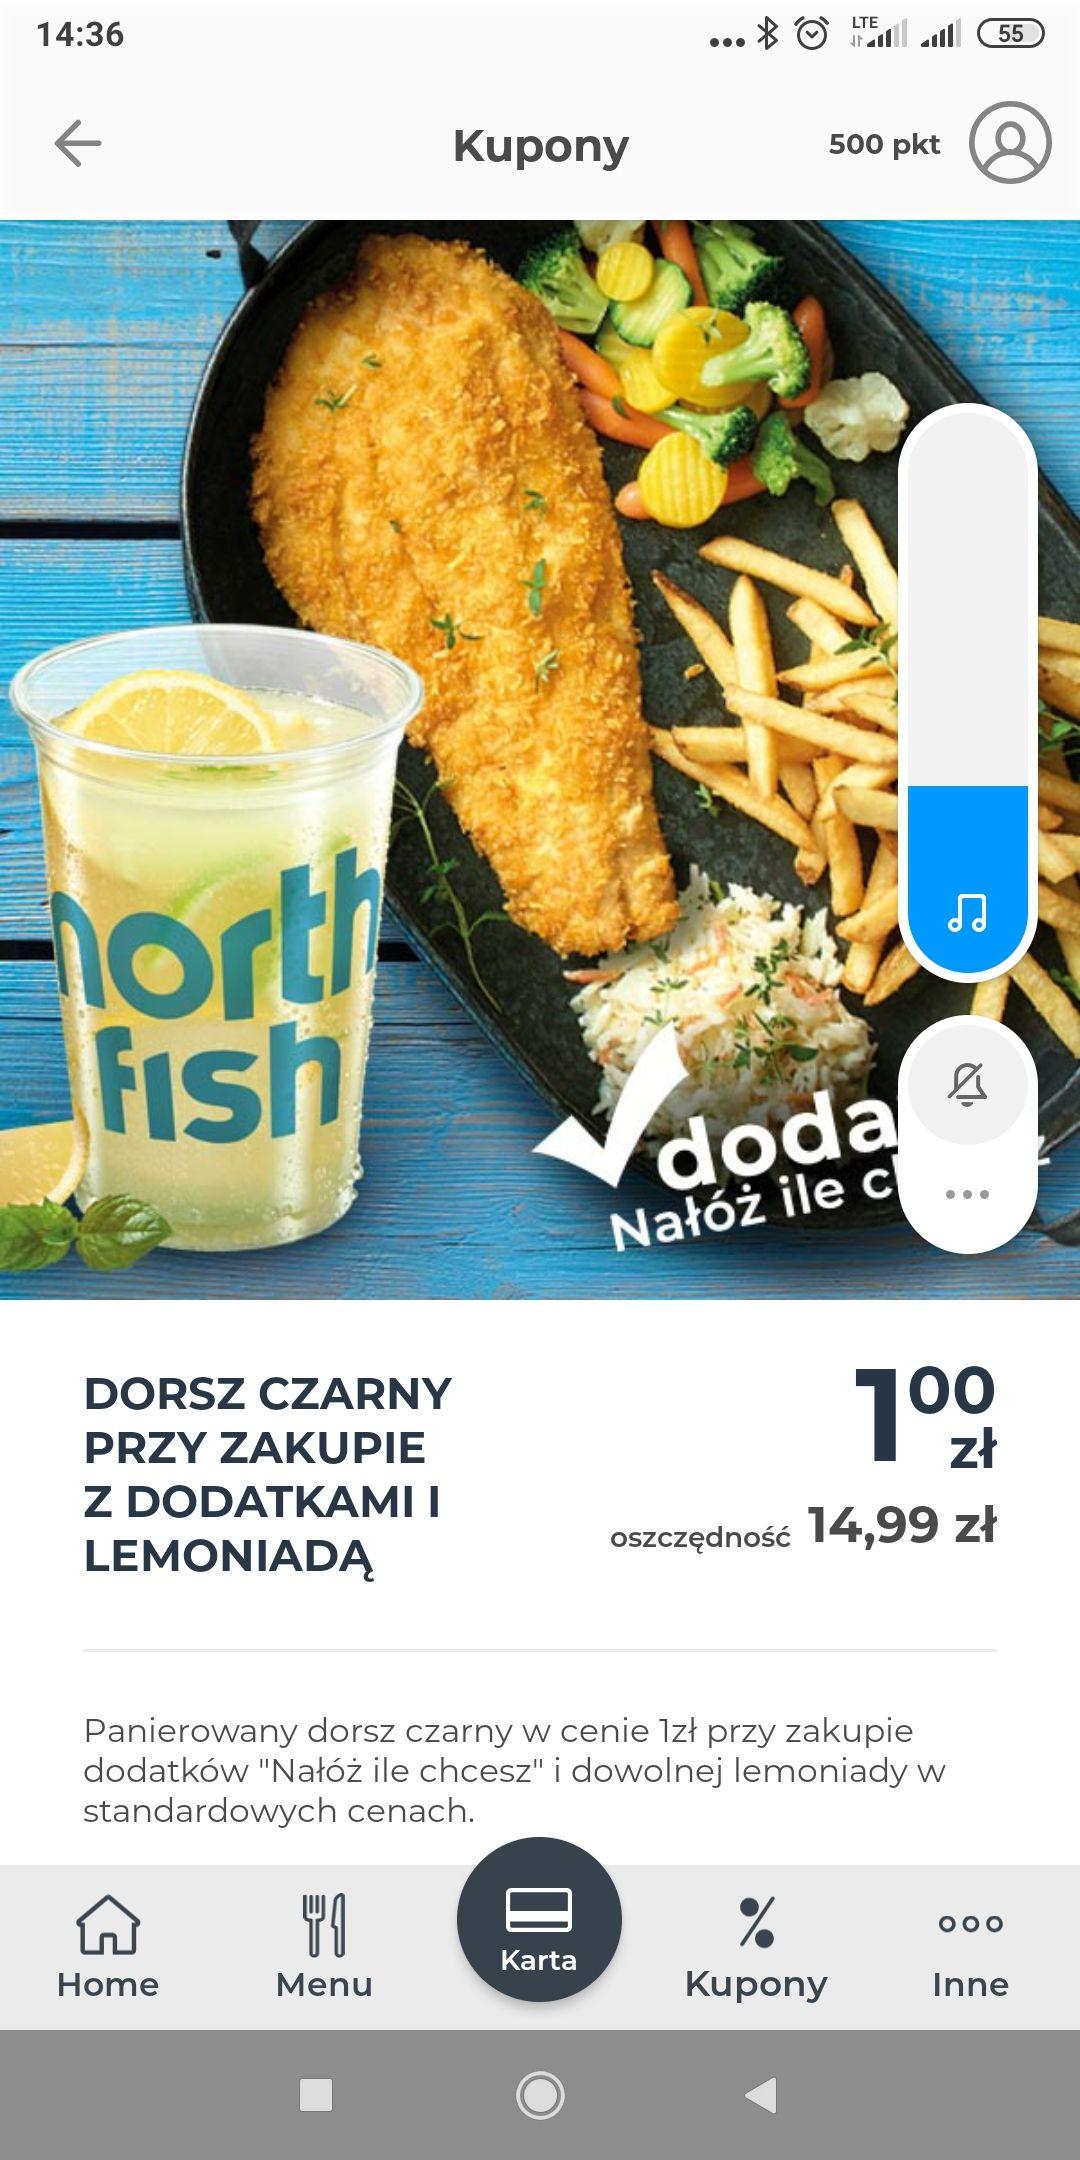 North Fish -Dorsz czarny za 1zł przy zakupie z lemoniadą i dodatkami